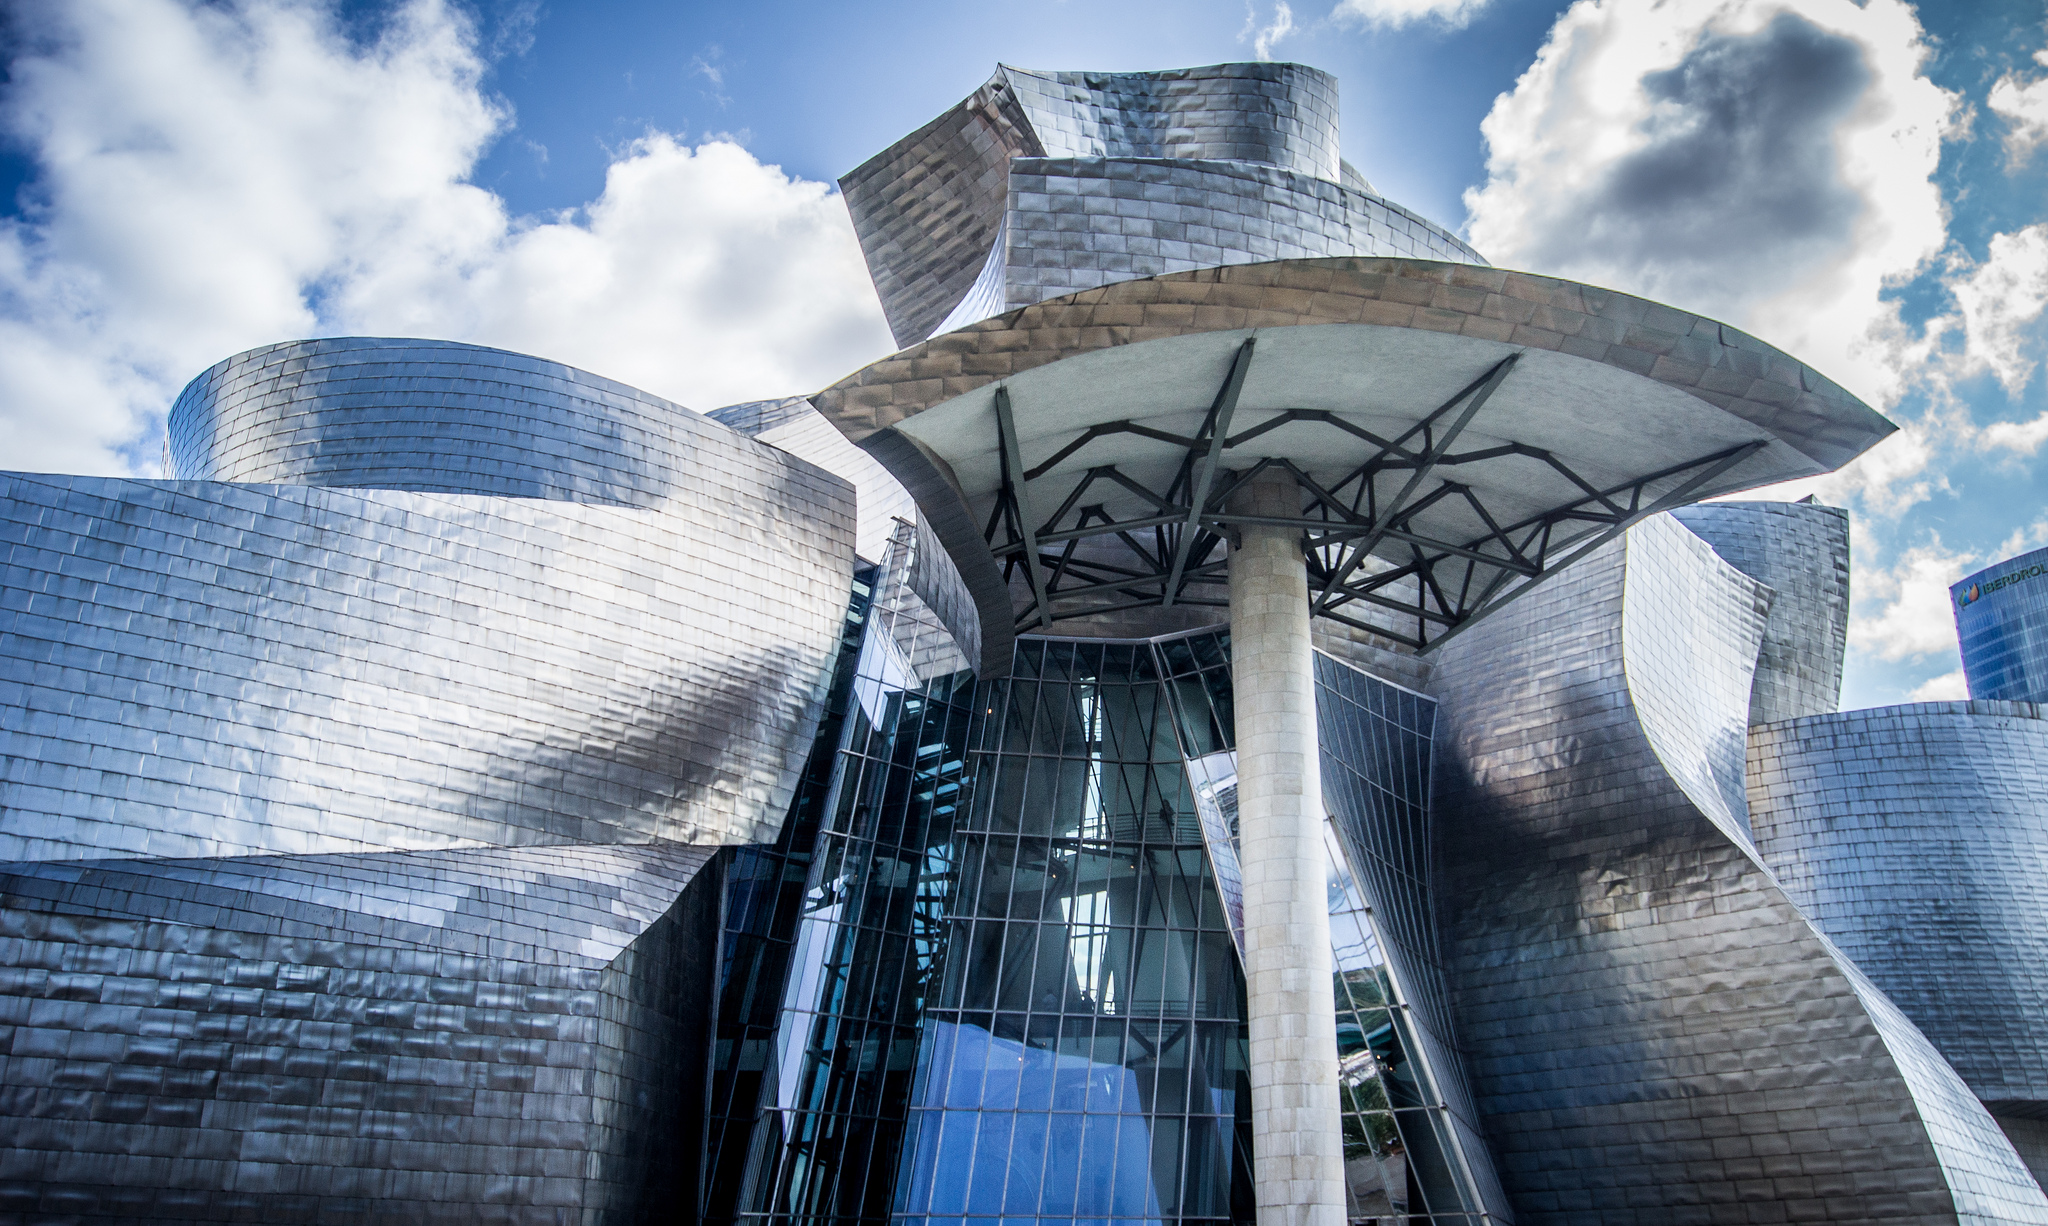 Musée Guggenheim, Bilbao